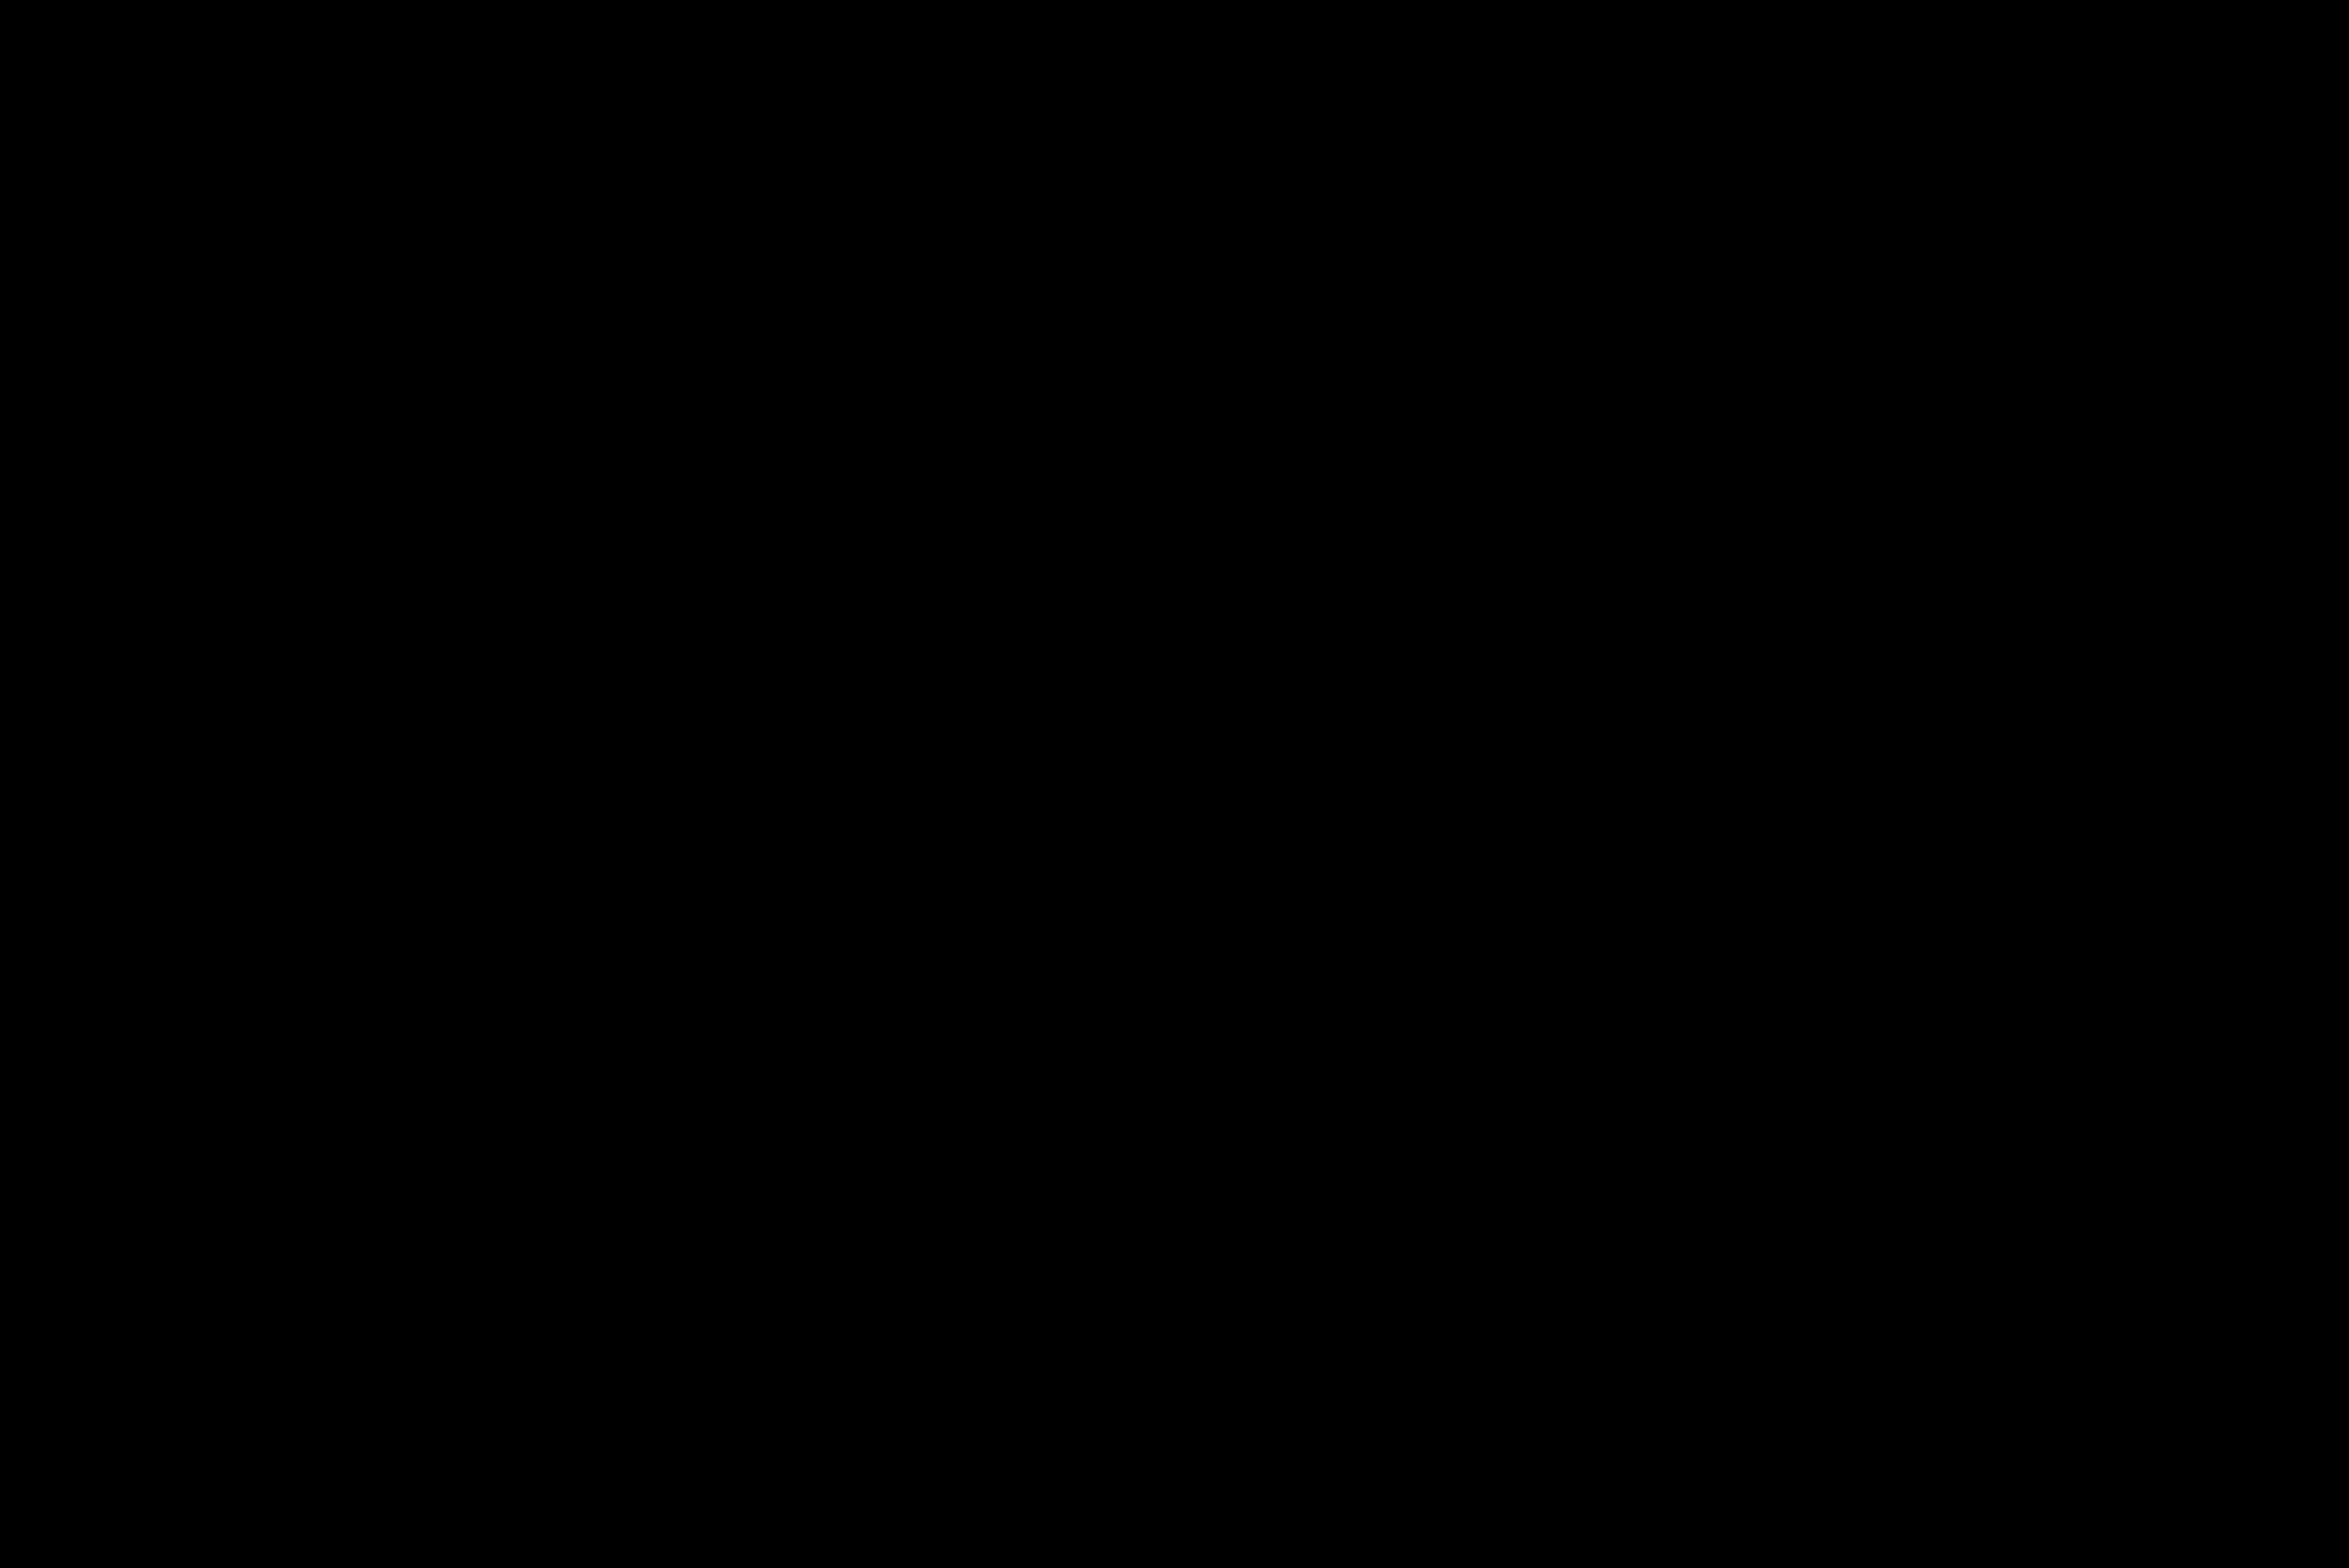 shp-sydneycody-388